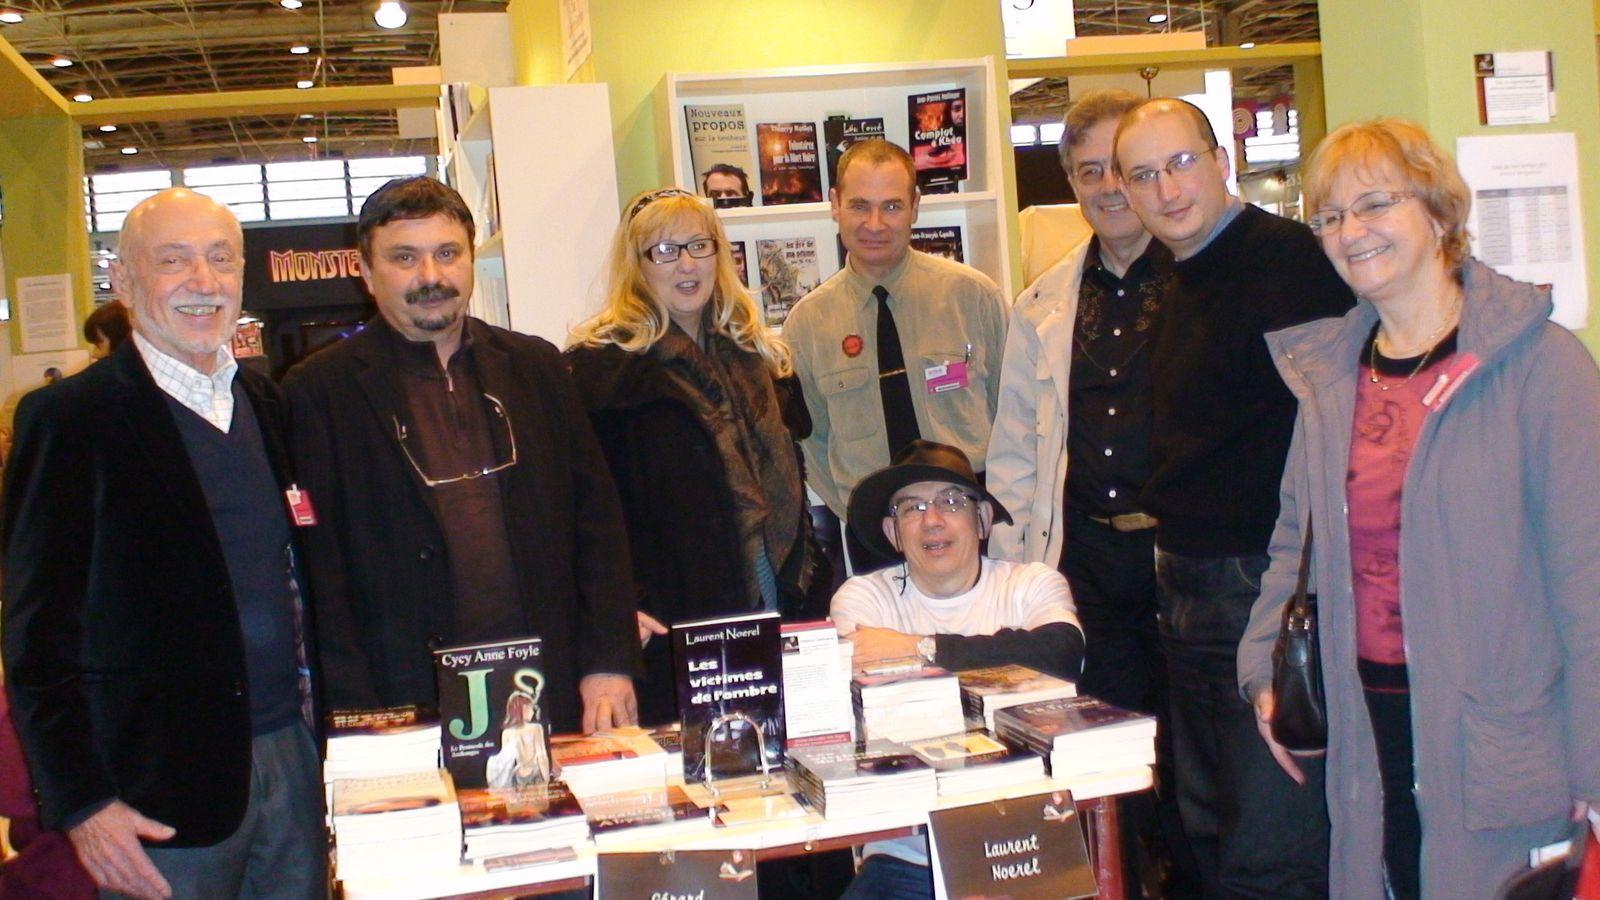 Les auteurs des Éditions Dédicaces au Salon du livre de Paris 2011